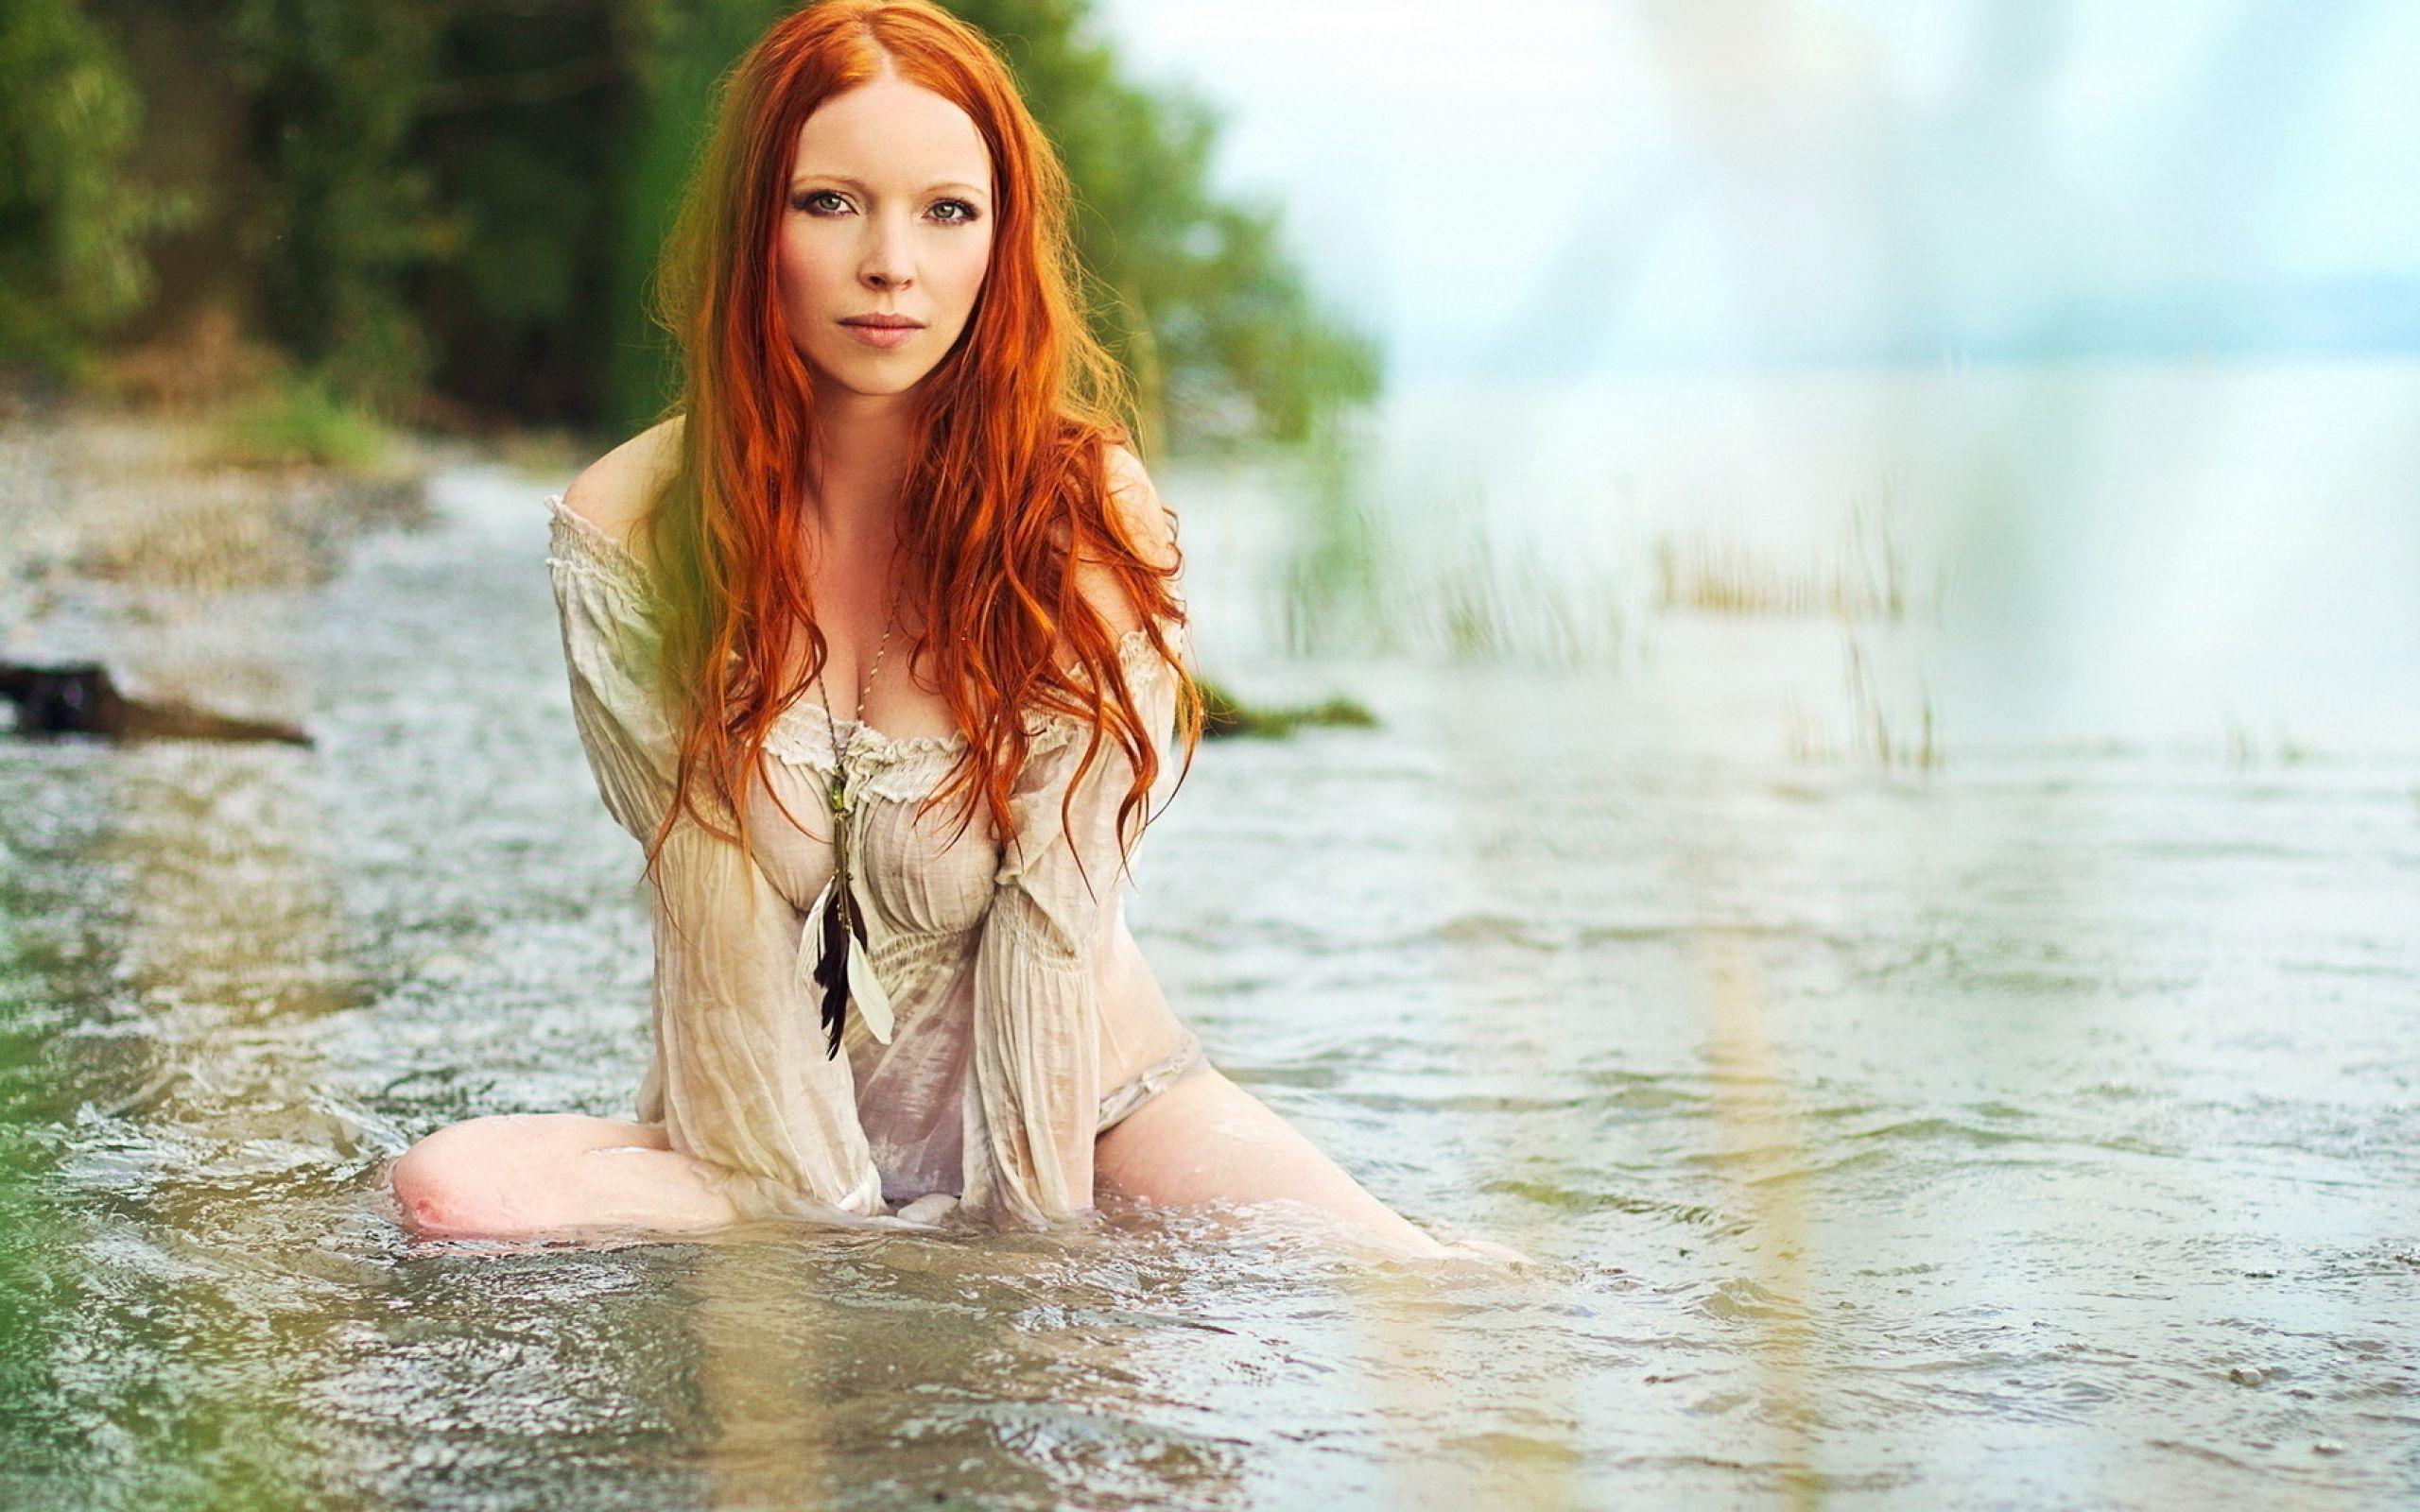 Фото девушек на природе река 1 фотография